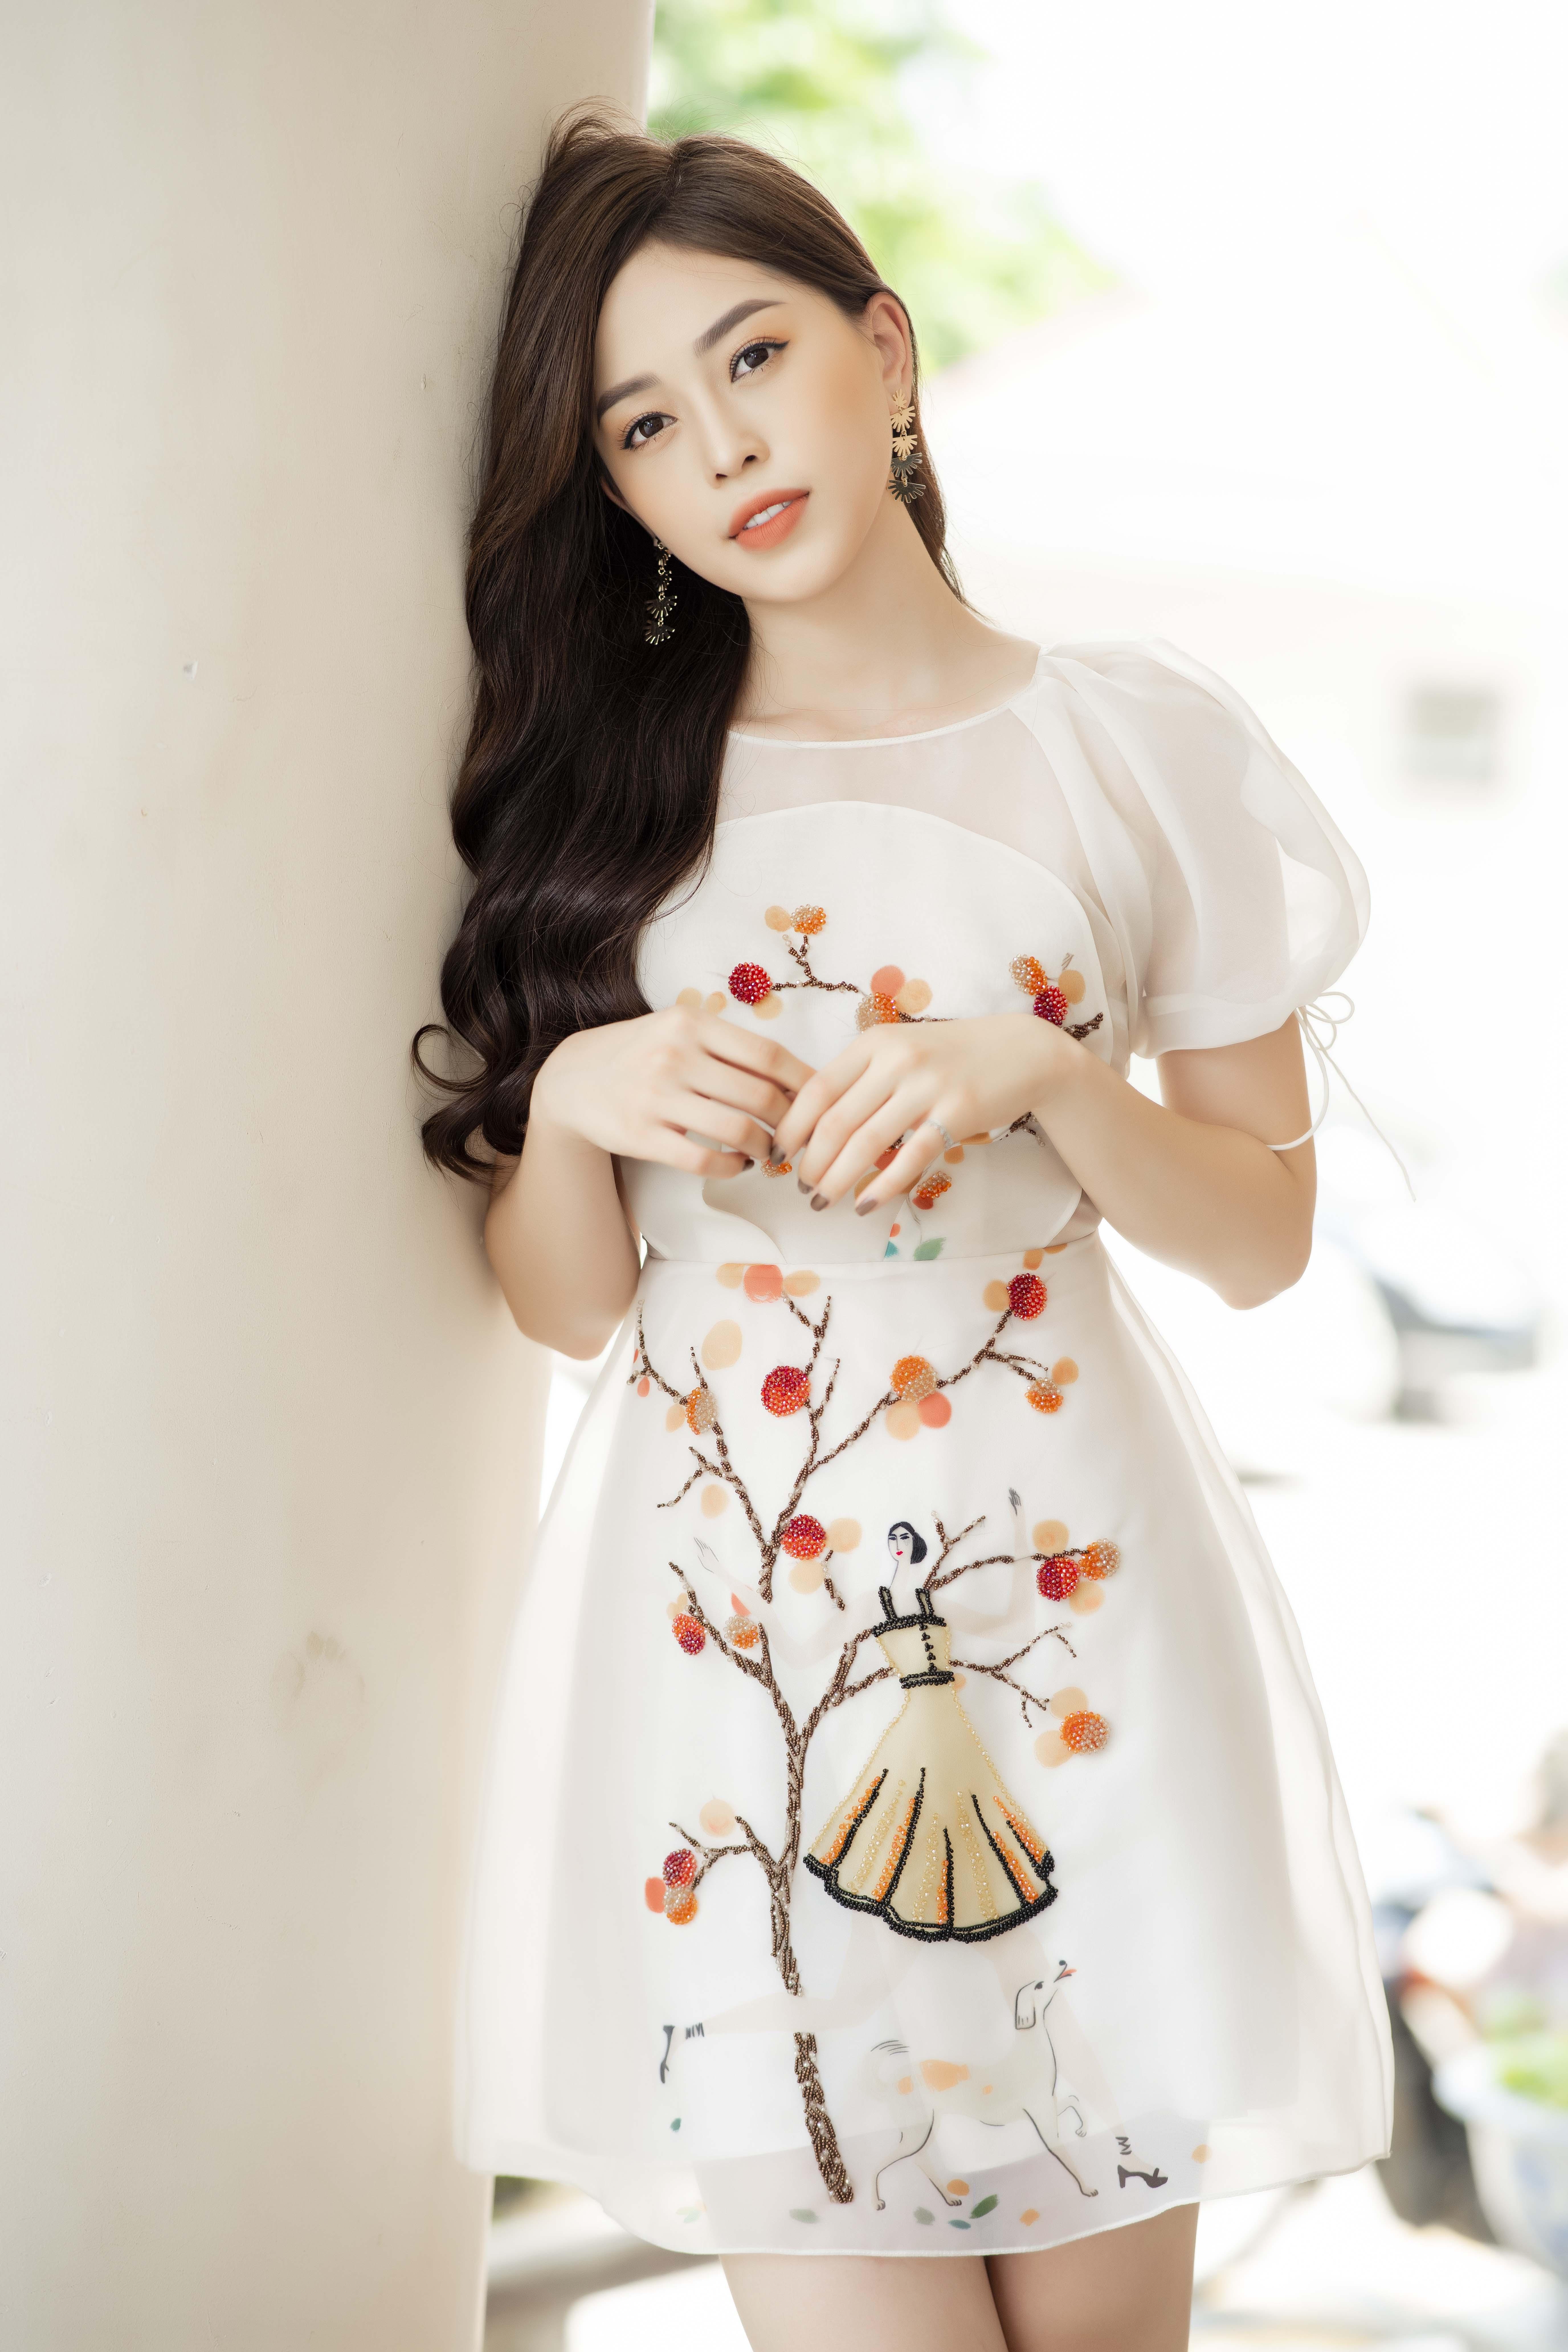 Á hậu Phương Nga khoe 'vẻ đẹp vạn người mê' đi sự kiện tại Hà Nội 2